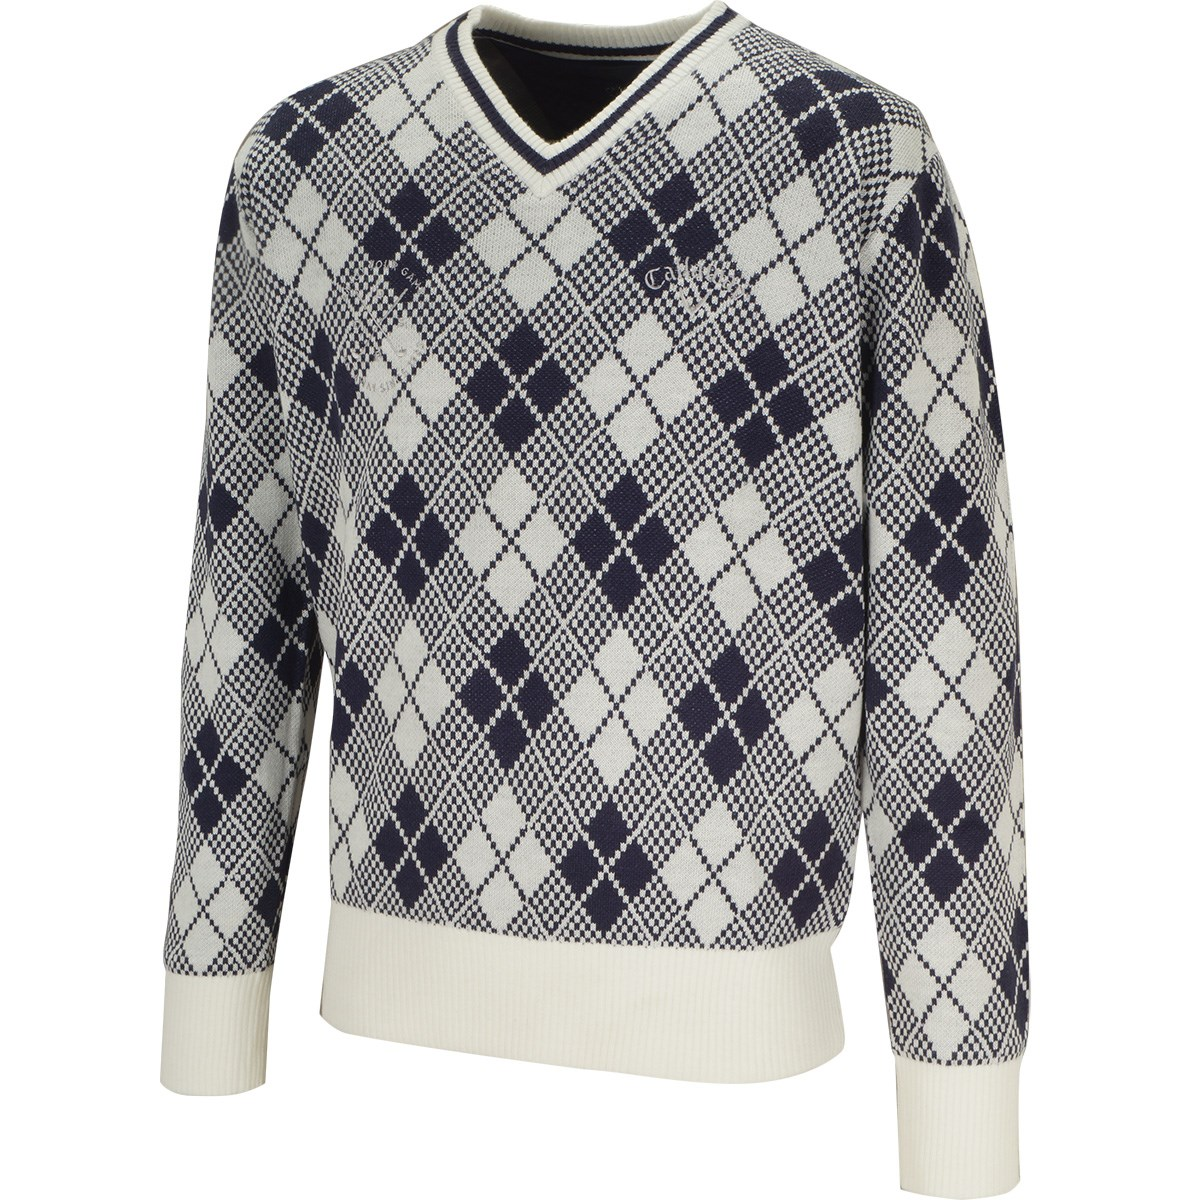 キャロウェイゴルフ(Callaway Golf) アーガイルVネックセーター